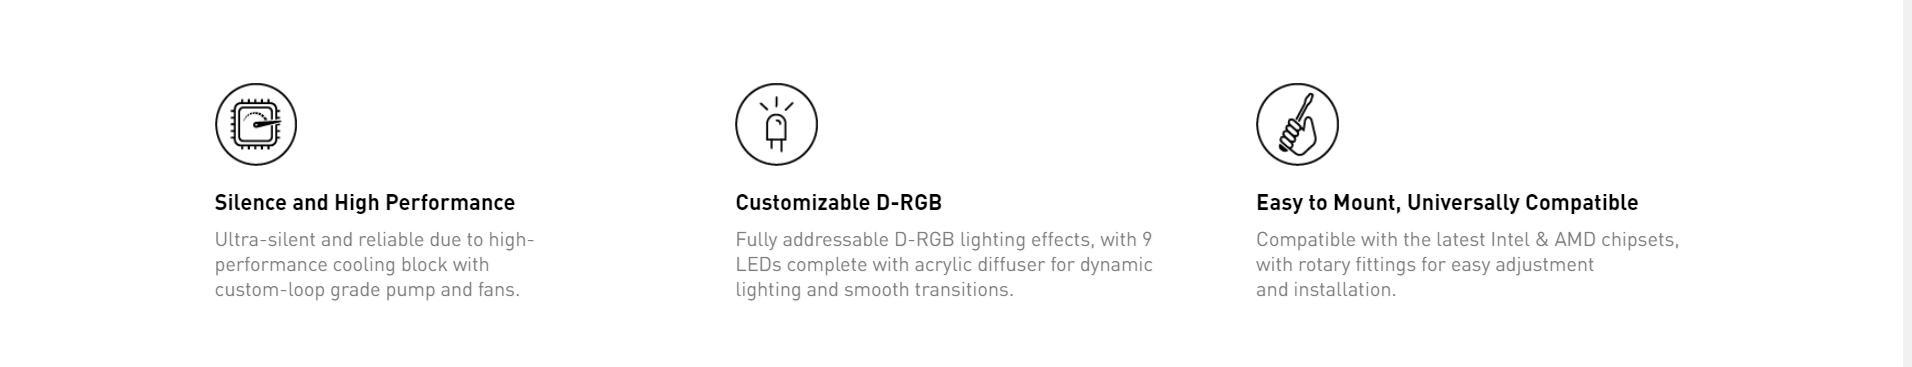 Tản nhiệt nước EK-AIO 120 D-RGB có hiệu suất cao